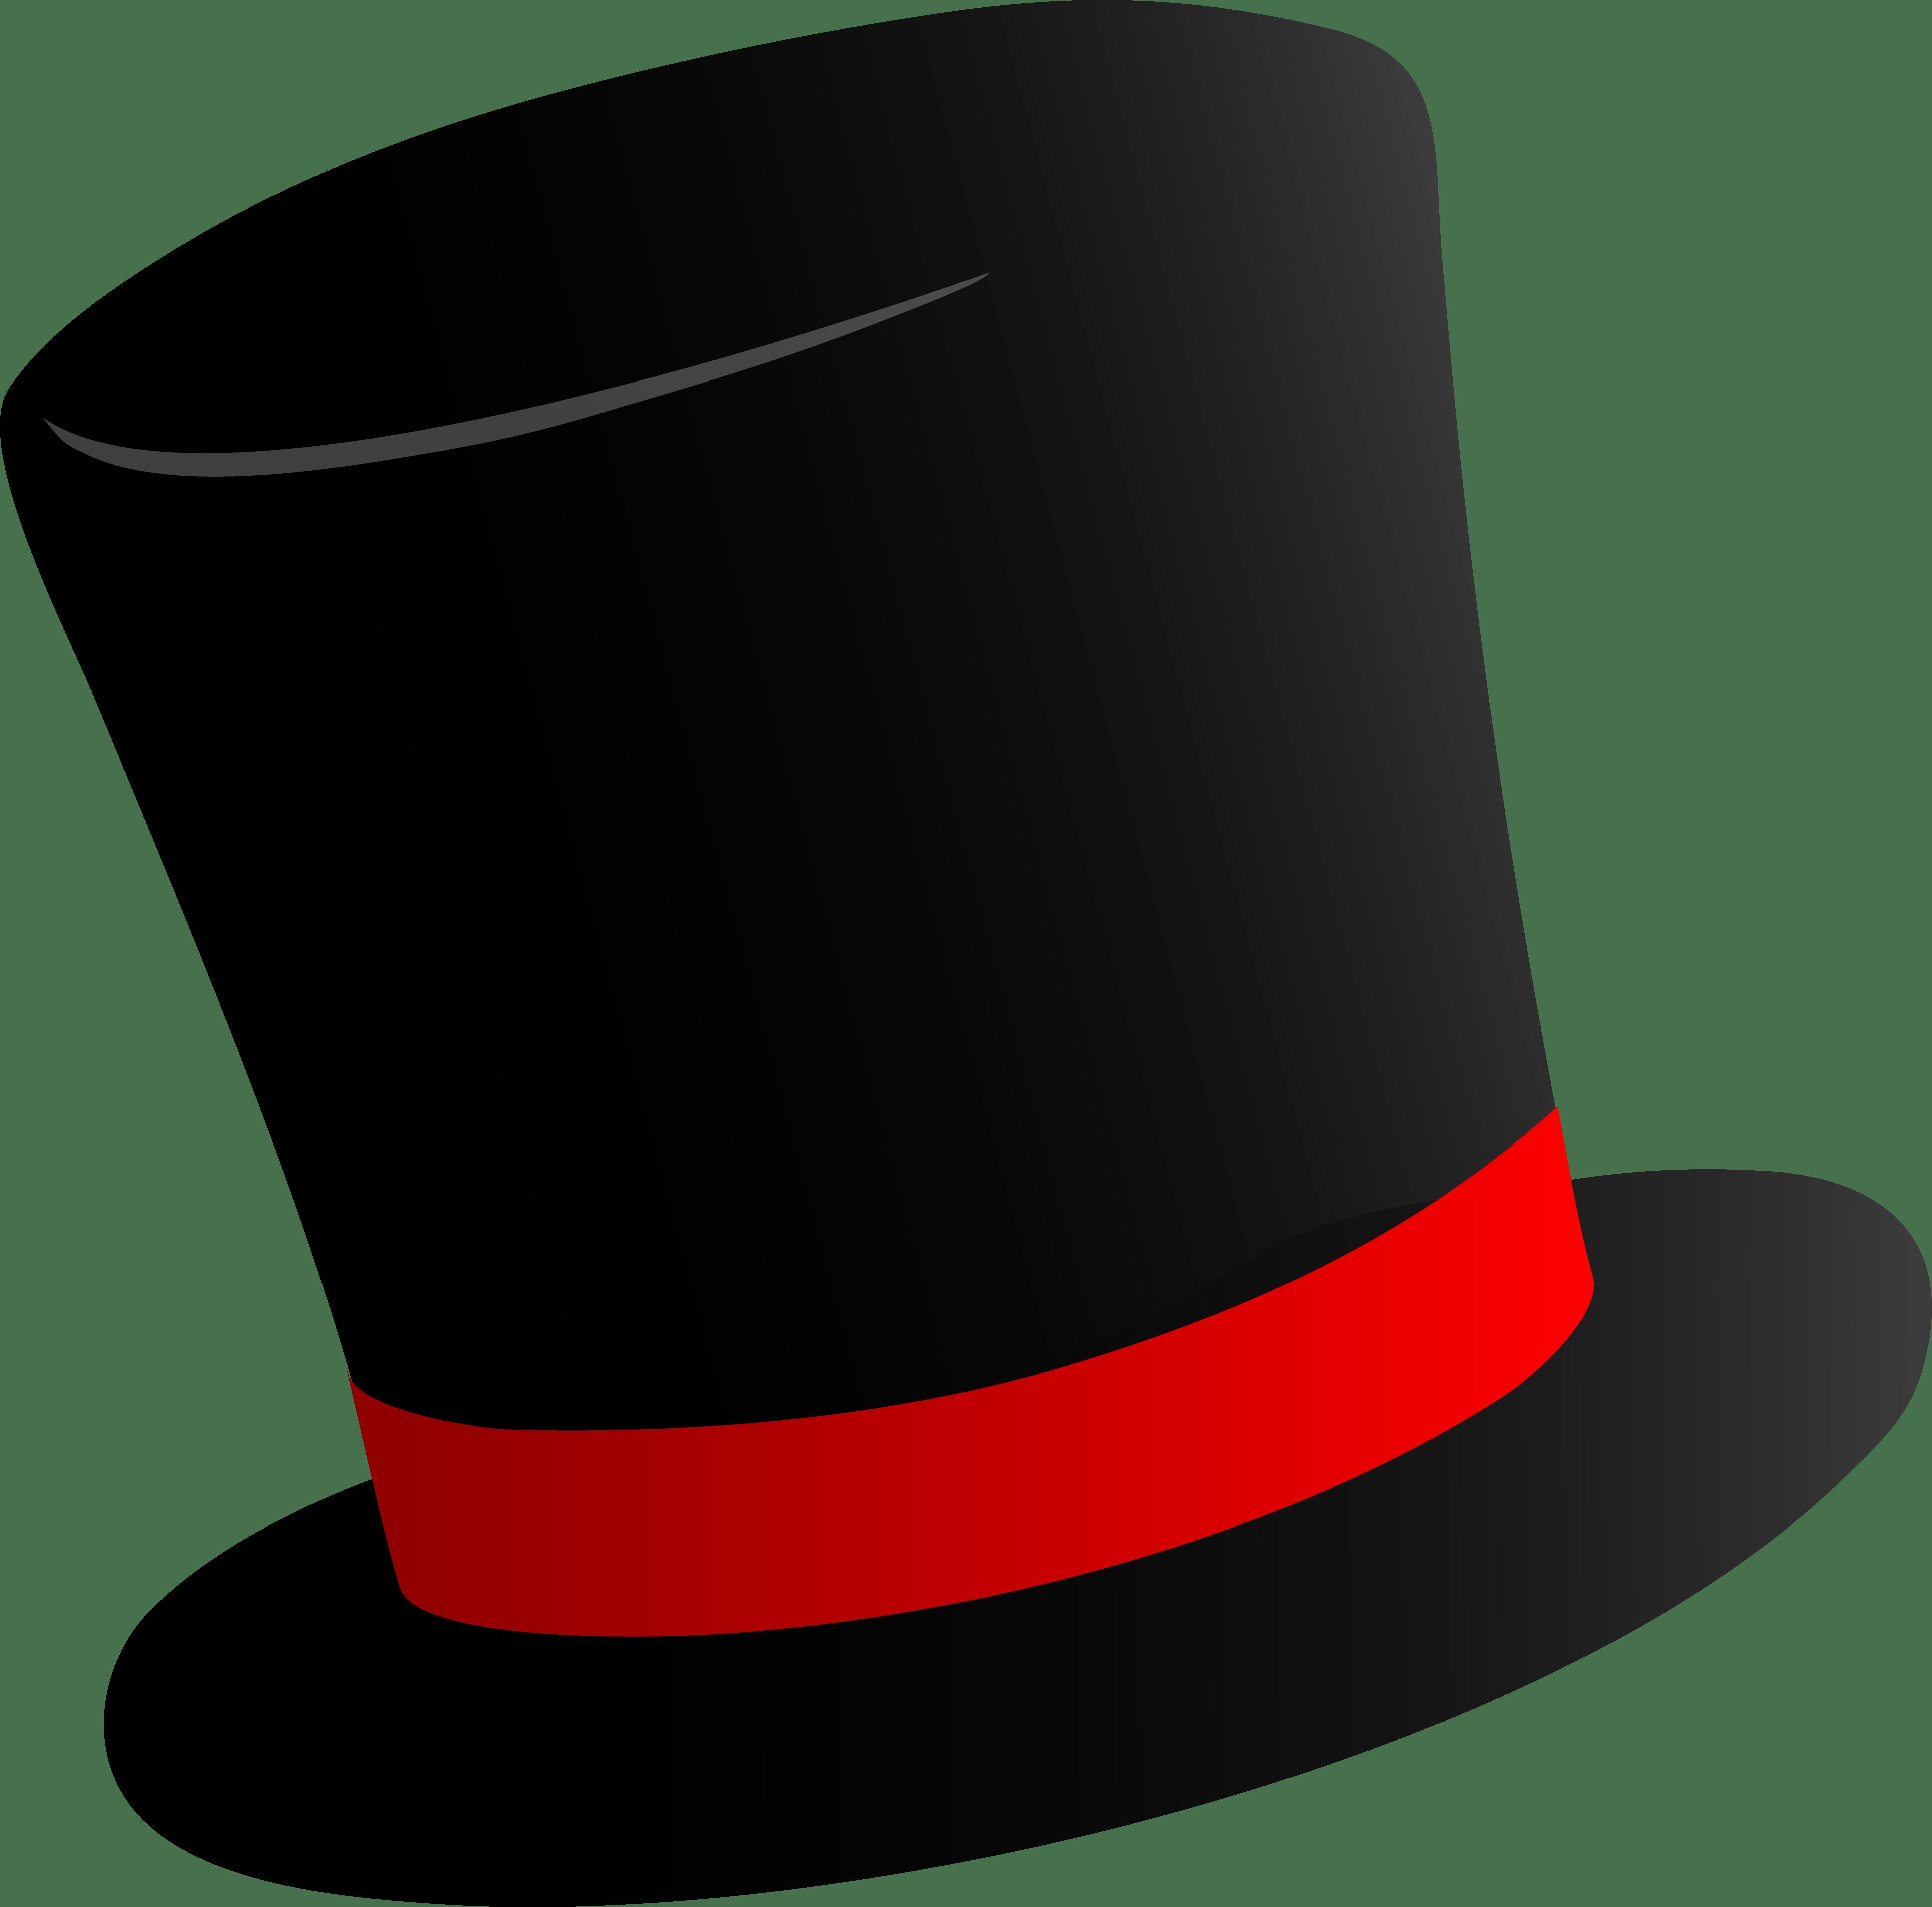 Top hat clipart png 1 » Clipart Portal.